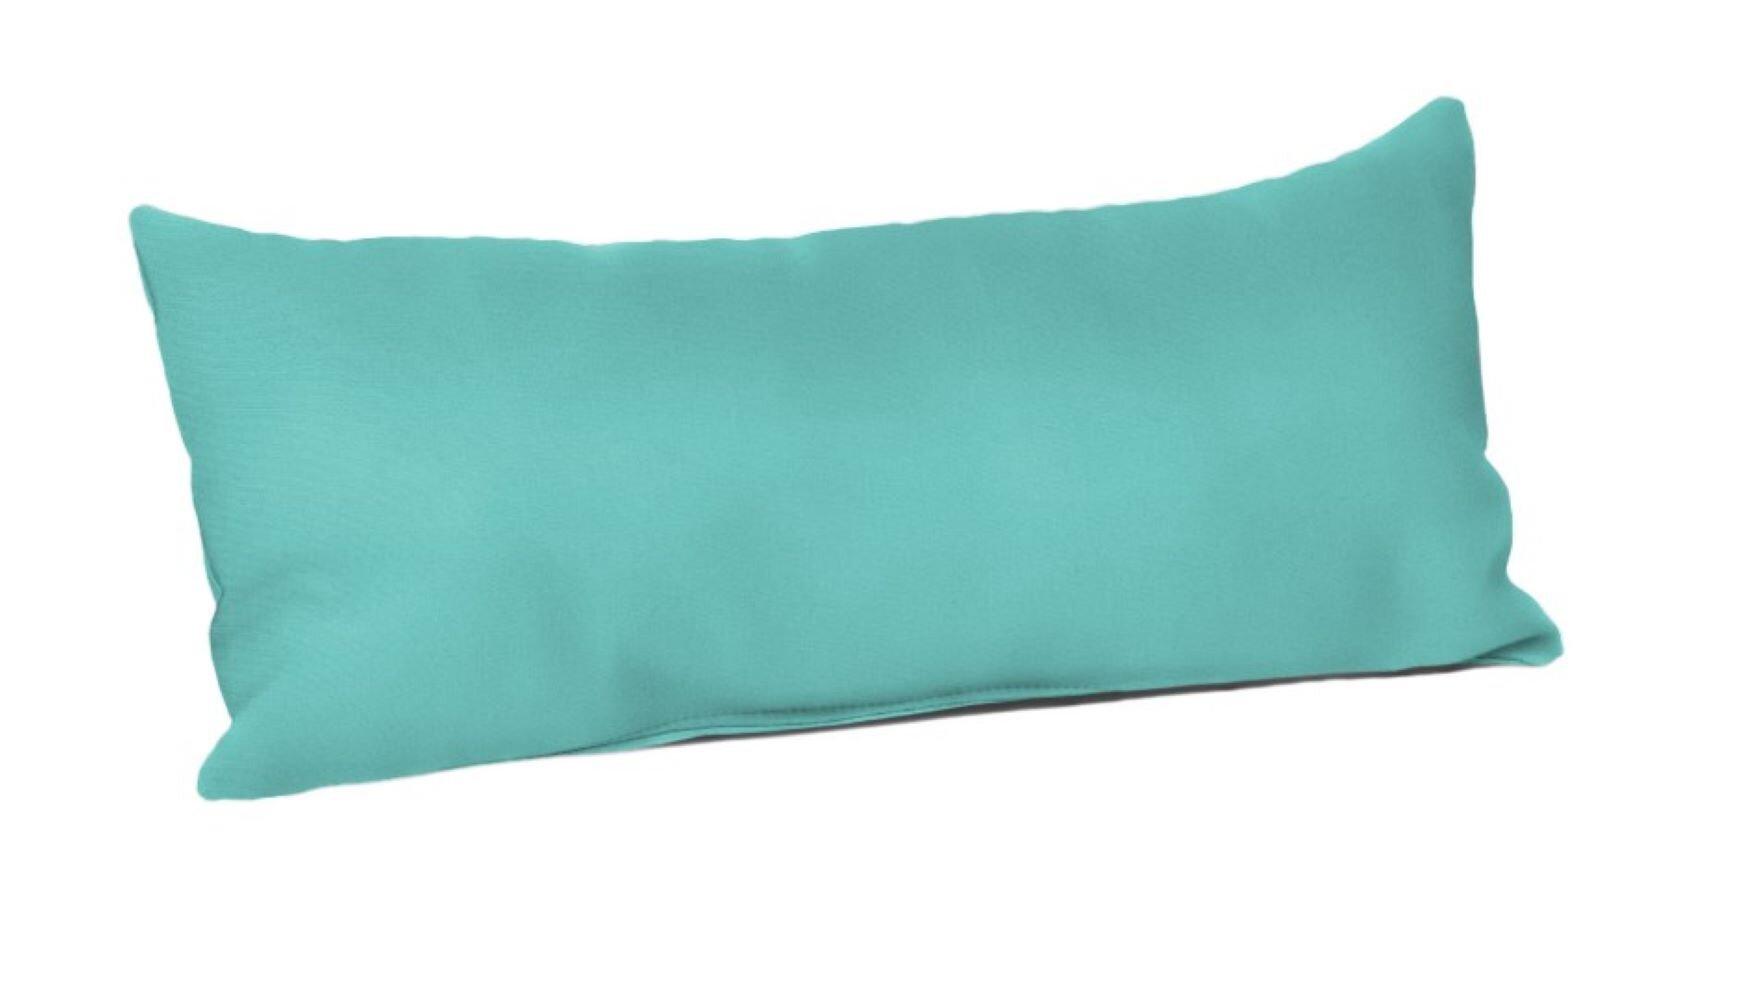 Wayfair Outdoor Sunbrella Throw Pillows You Ll Love In 2021